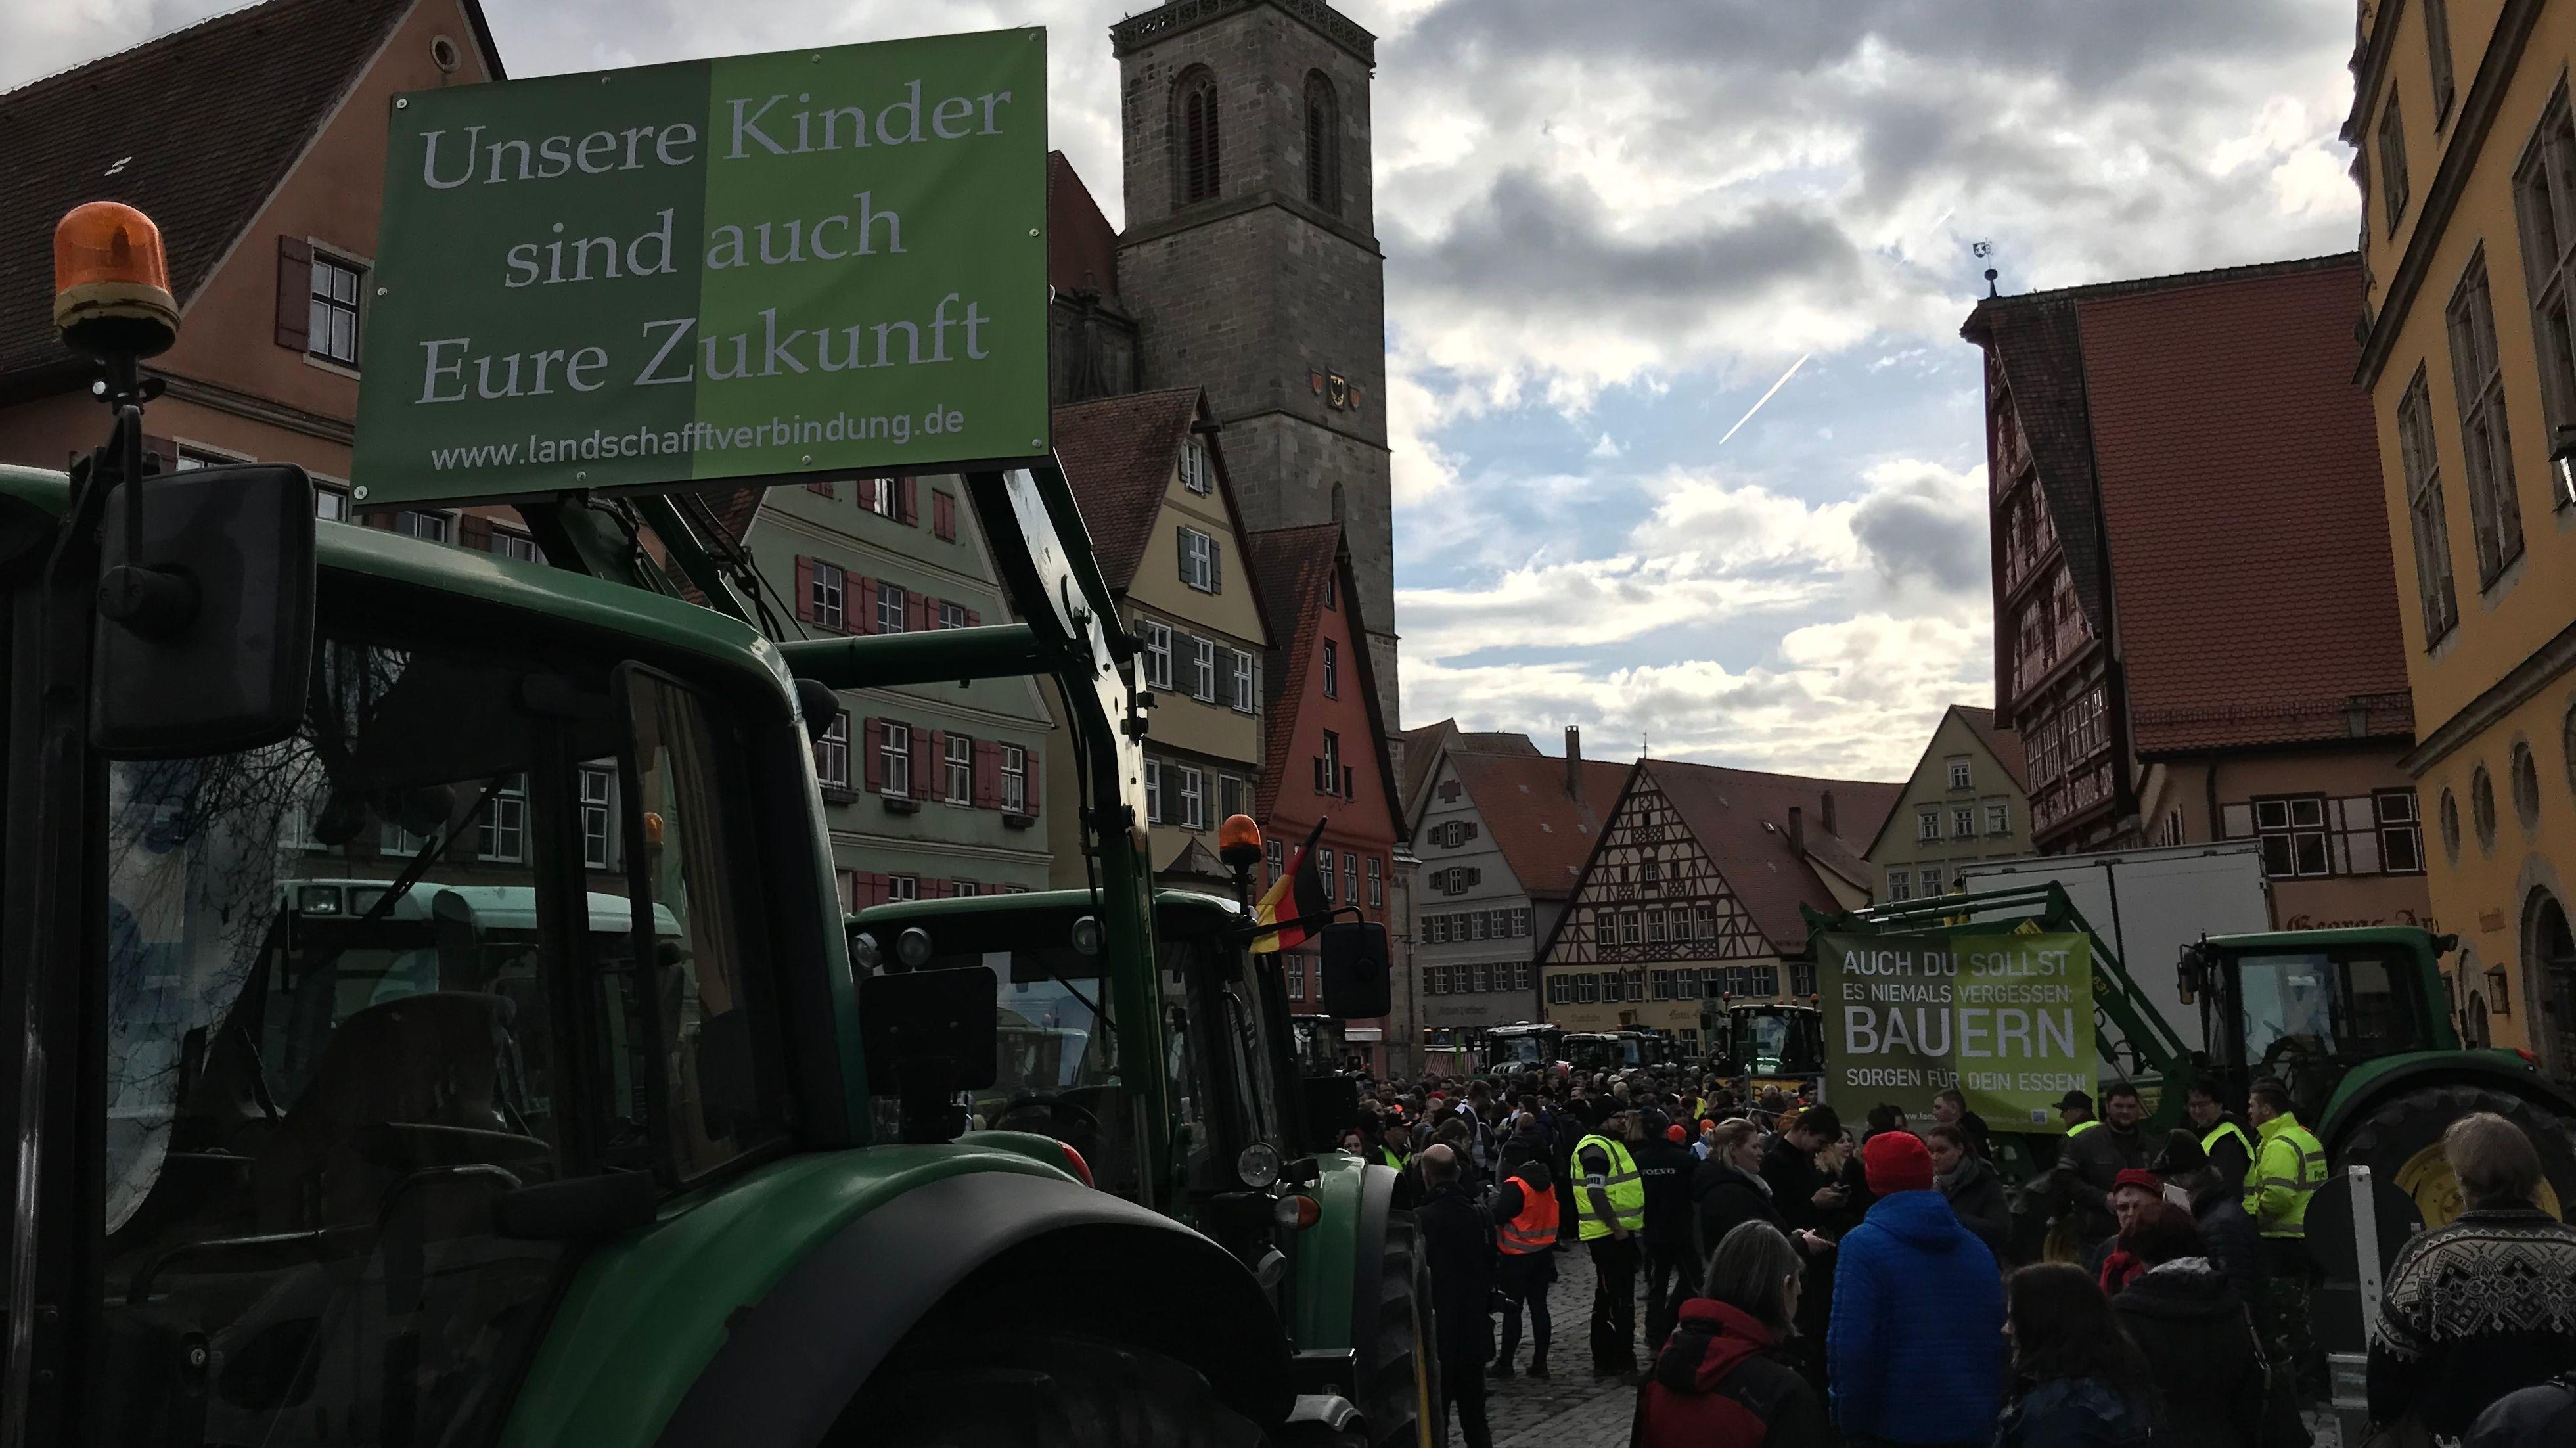 Demonstranten, Traktoren und Schilder auf öffentlichem Platz